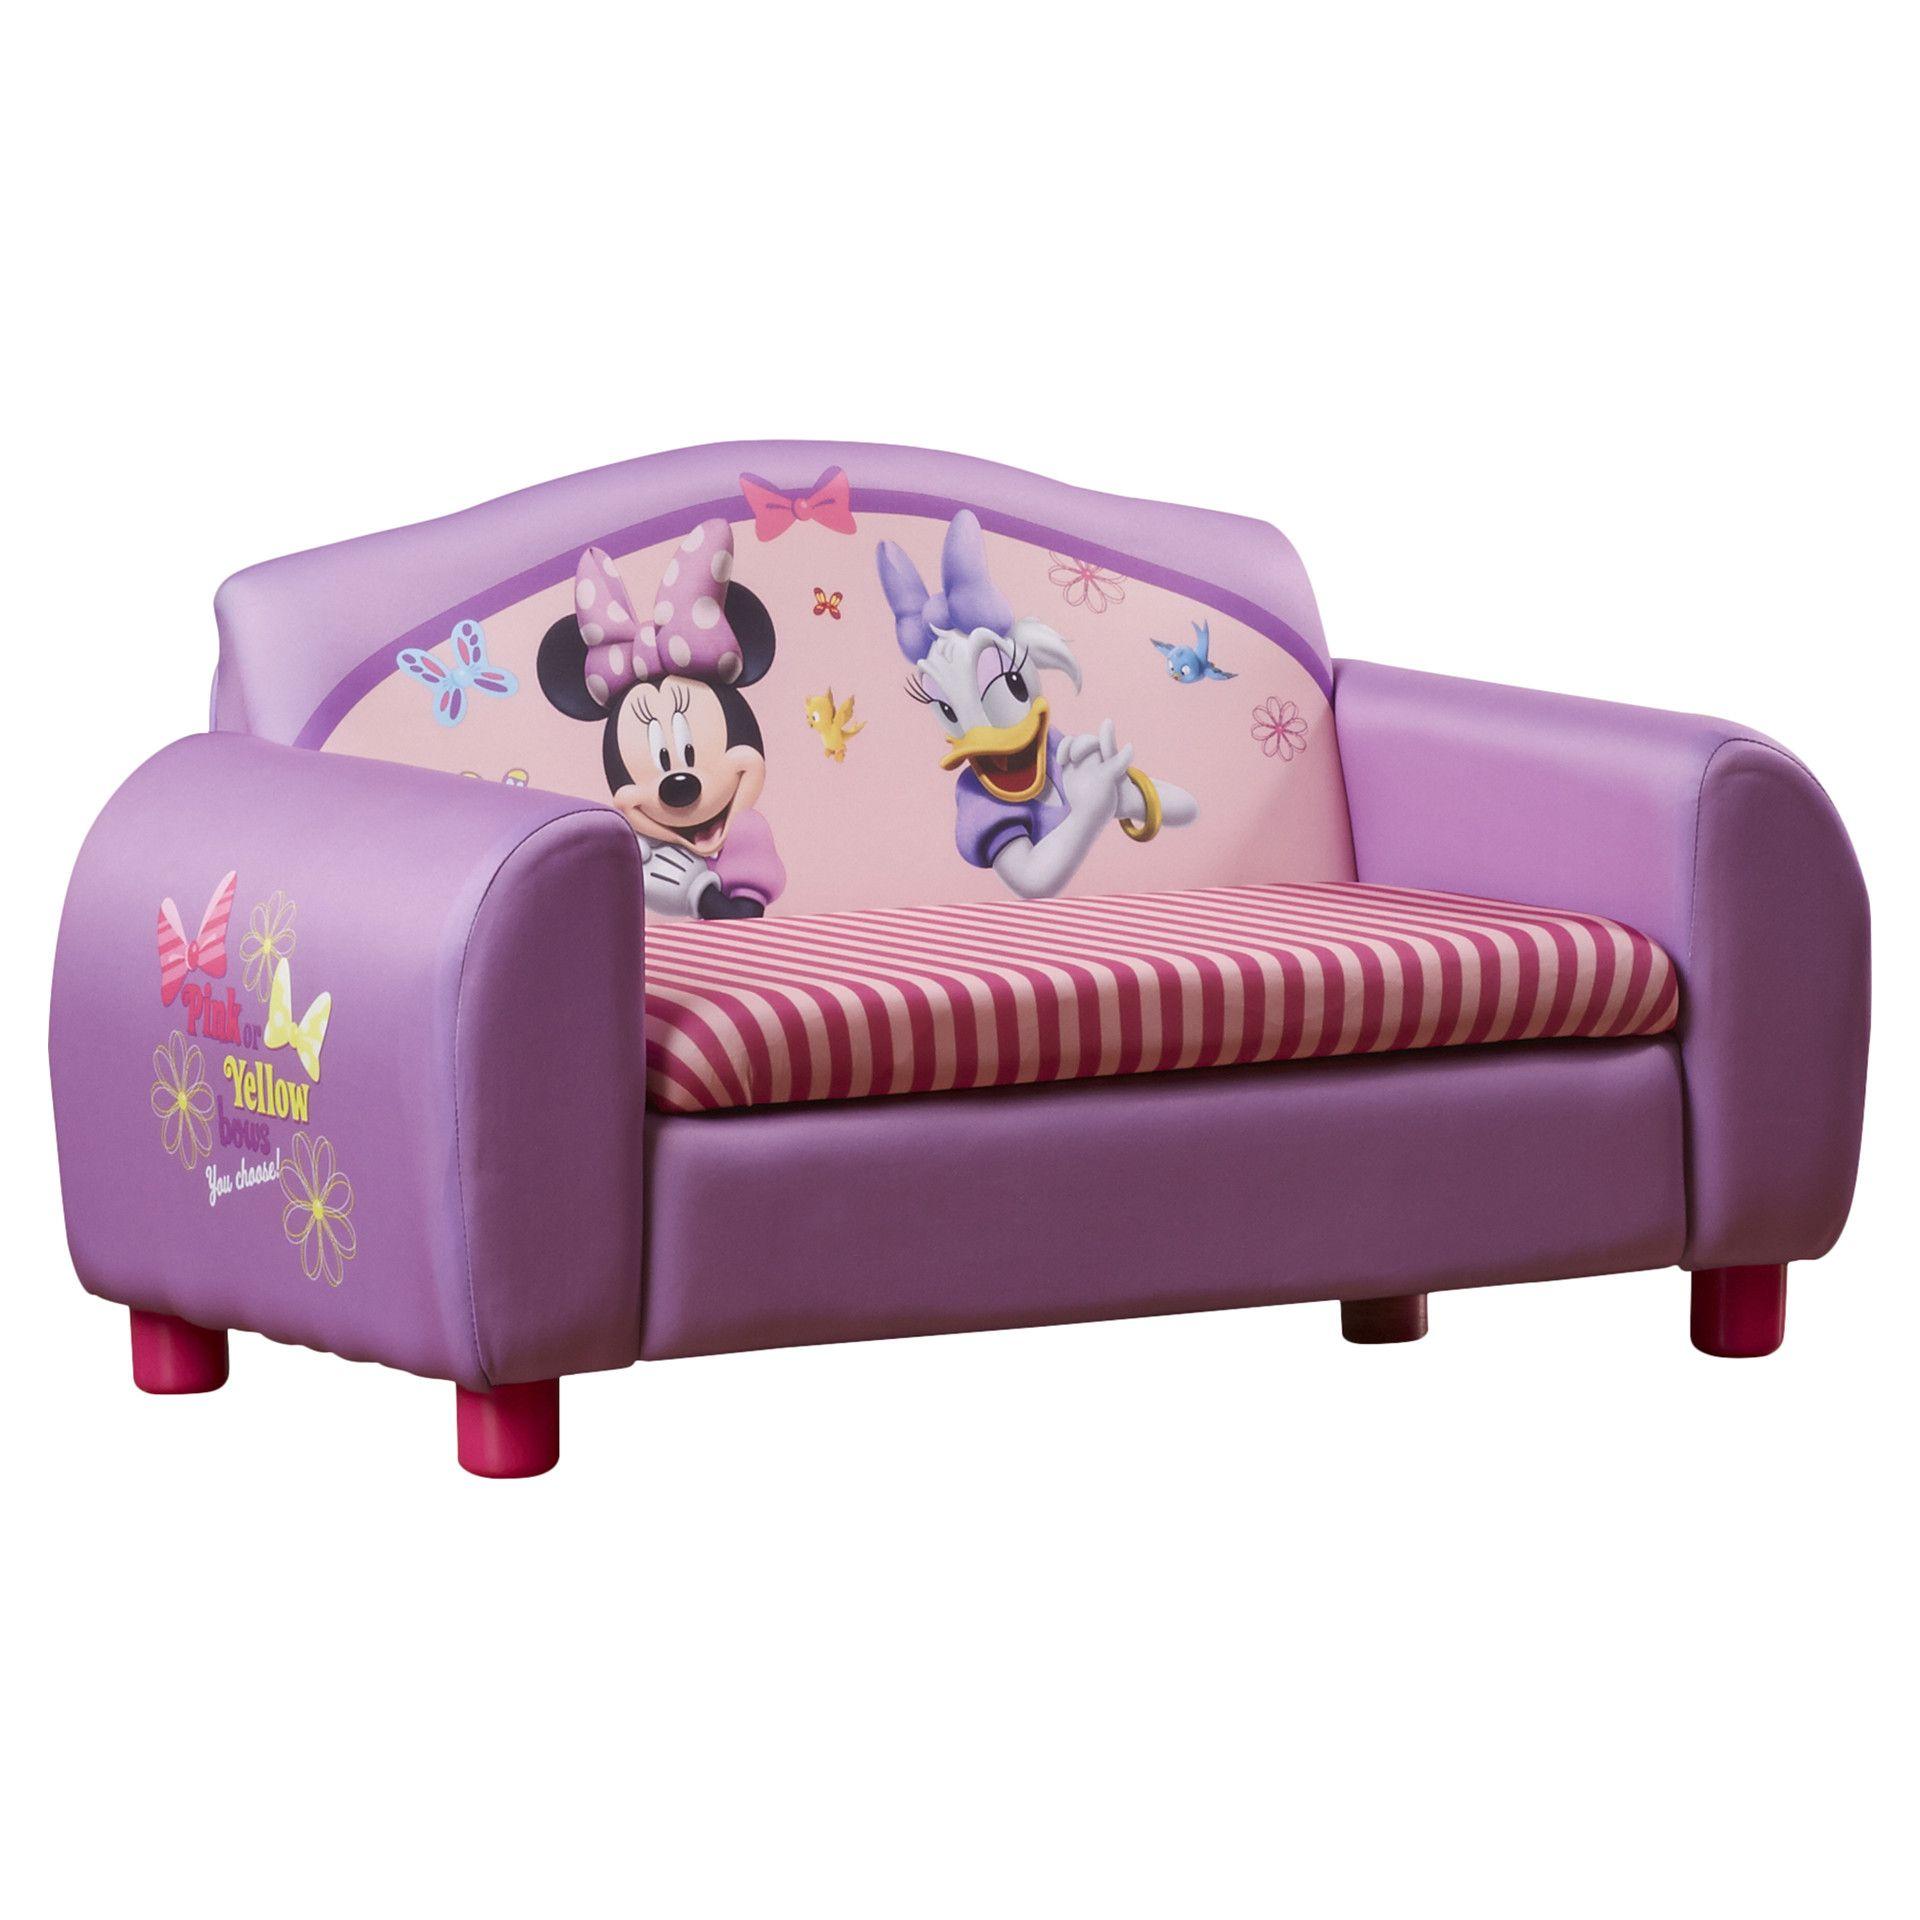 Delta Children Disney Minnie Mouse Kids Sofa with Storage